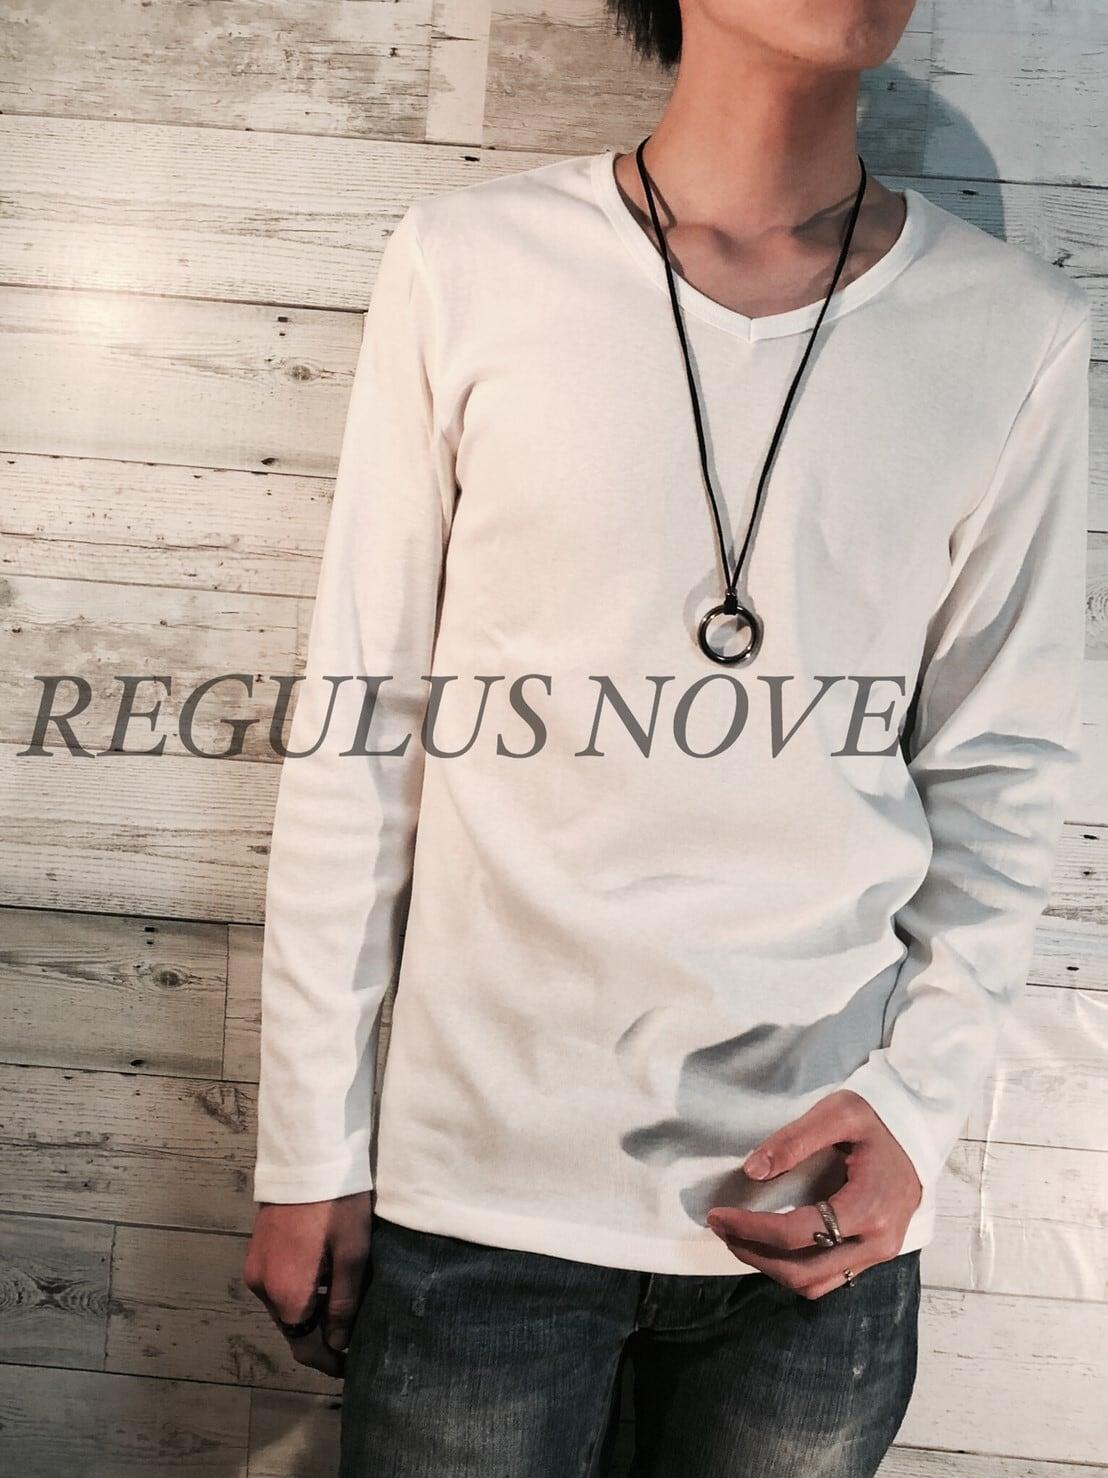 REGULUS NOVE  フライスカットVネックロンT WHITE メンズ 男物 ロンT トップス 紳士服 長袖 シンプル レイヤード 重ね着 カットソー Tシャツ